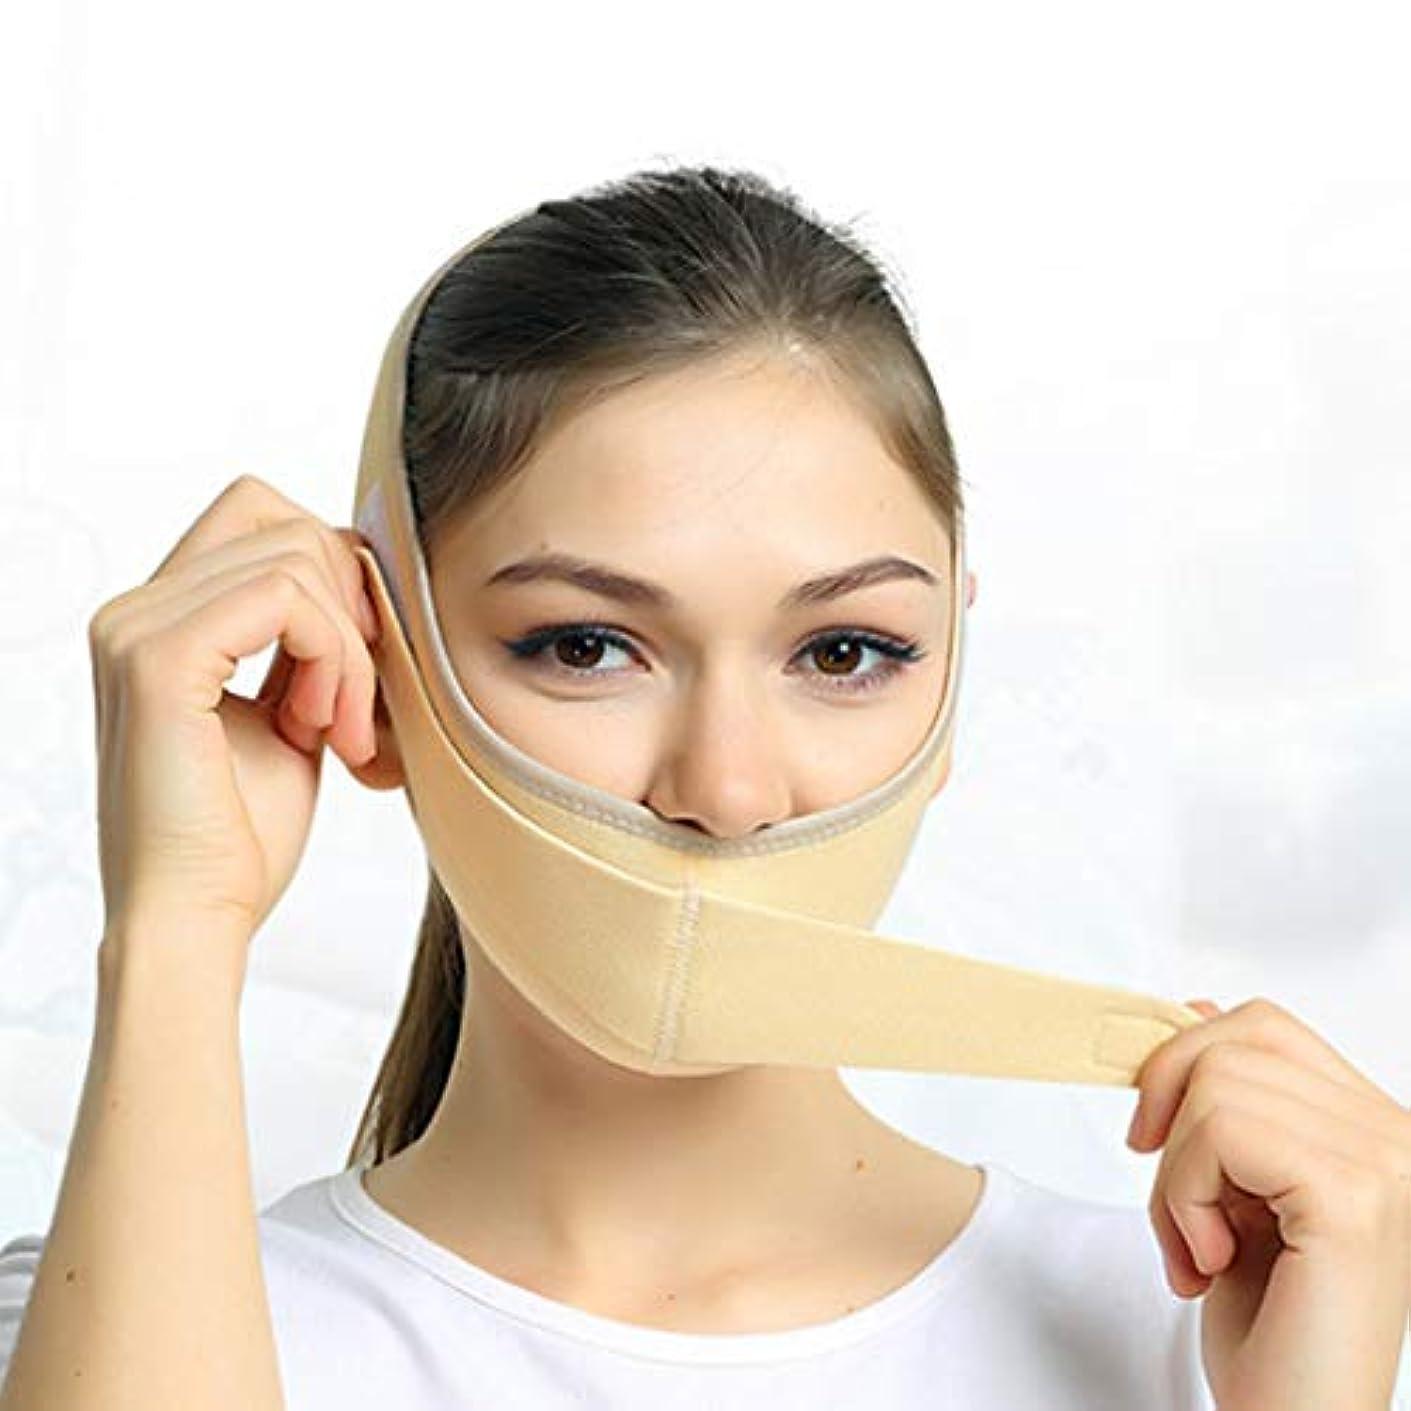 ブランド名大きいアカデミック顔の減量術後の回復包帯小さな v 顔睡眠マスク露出あごの医療顔